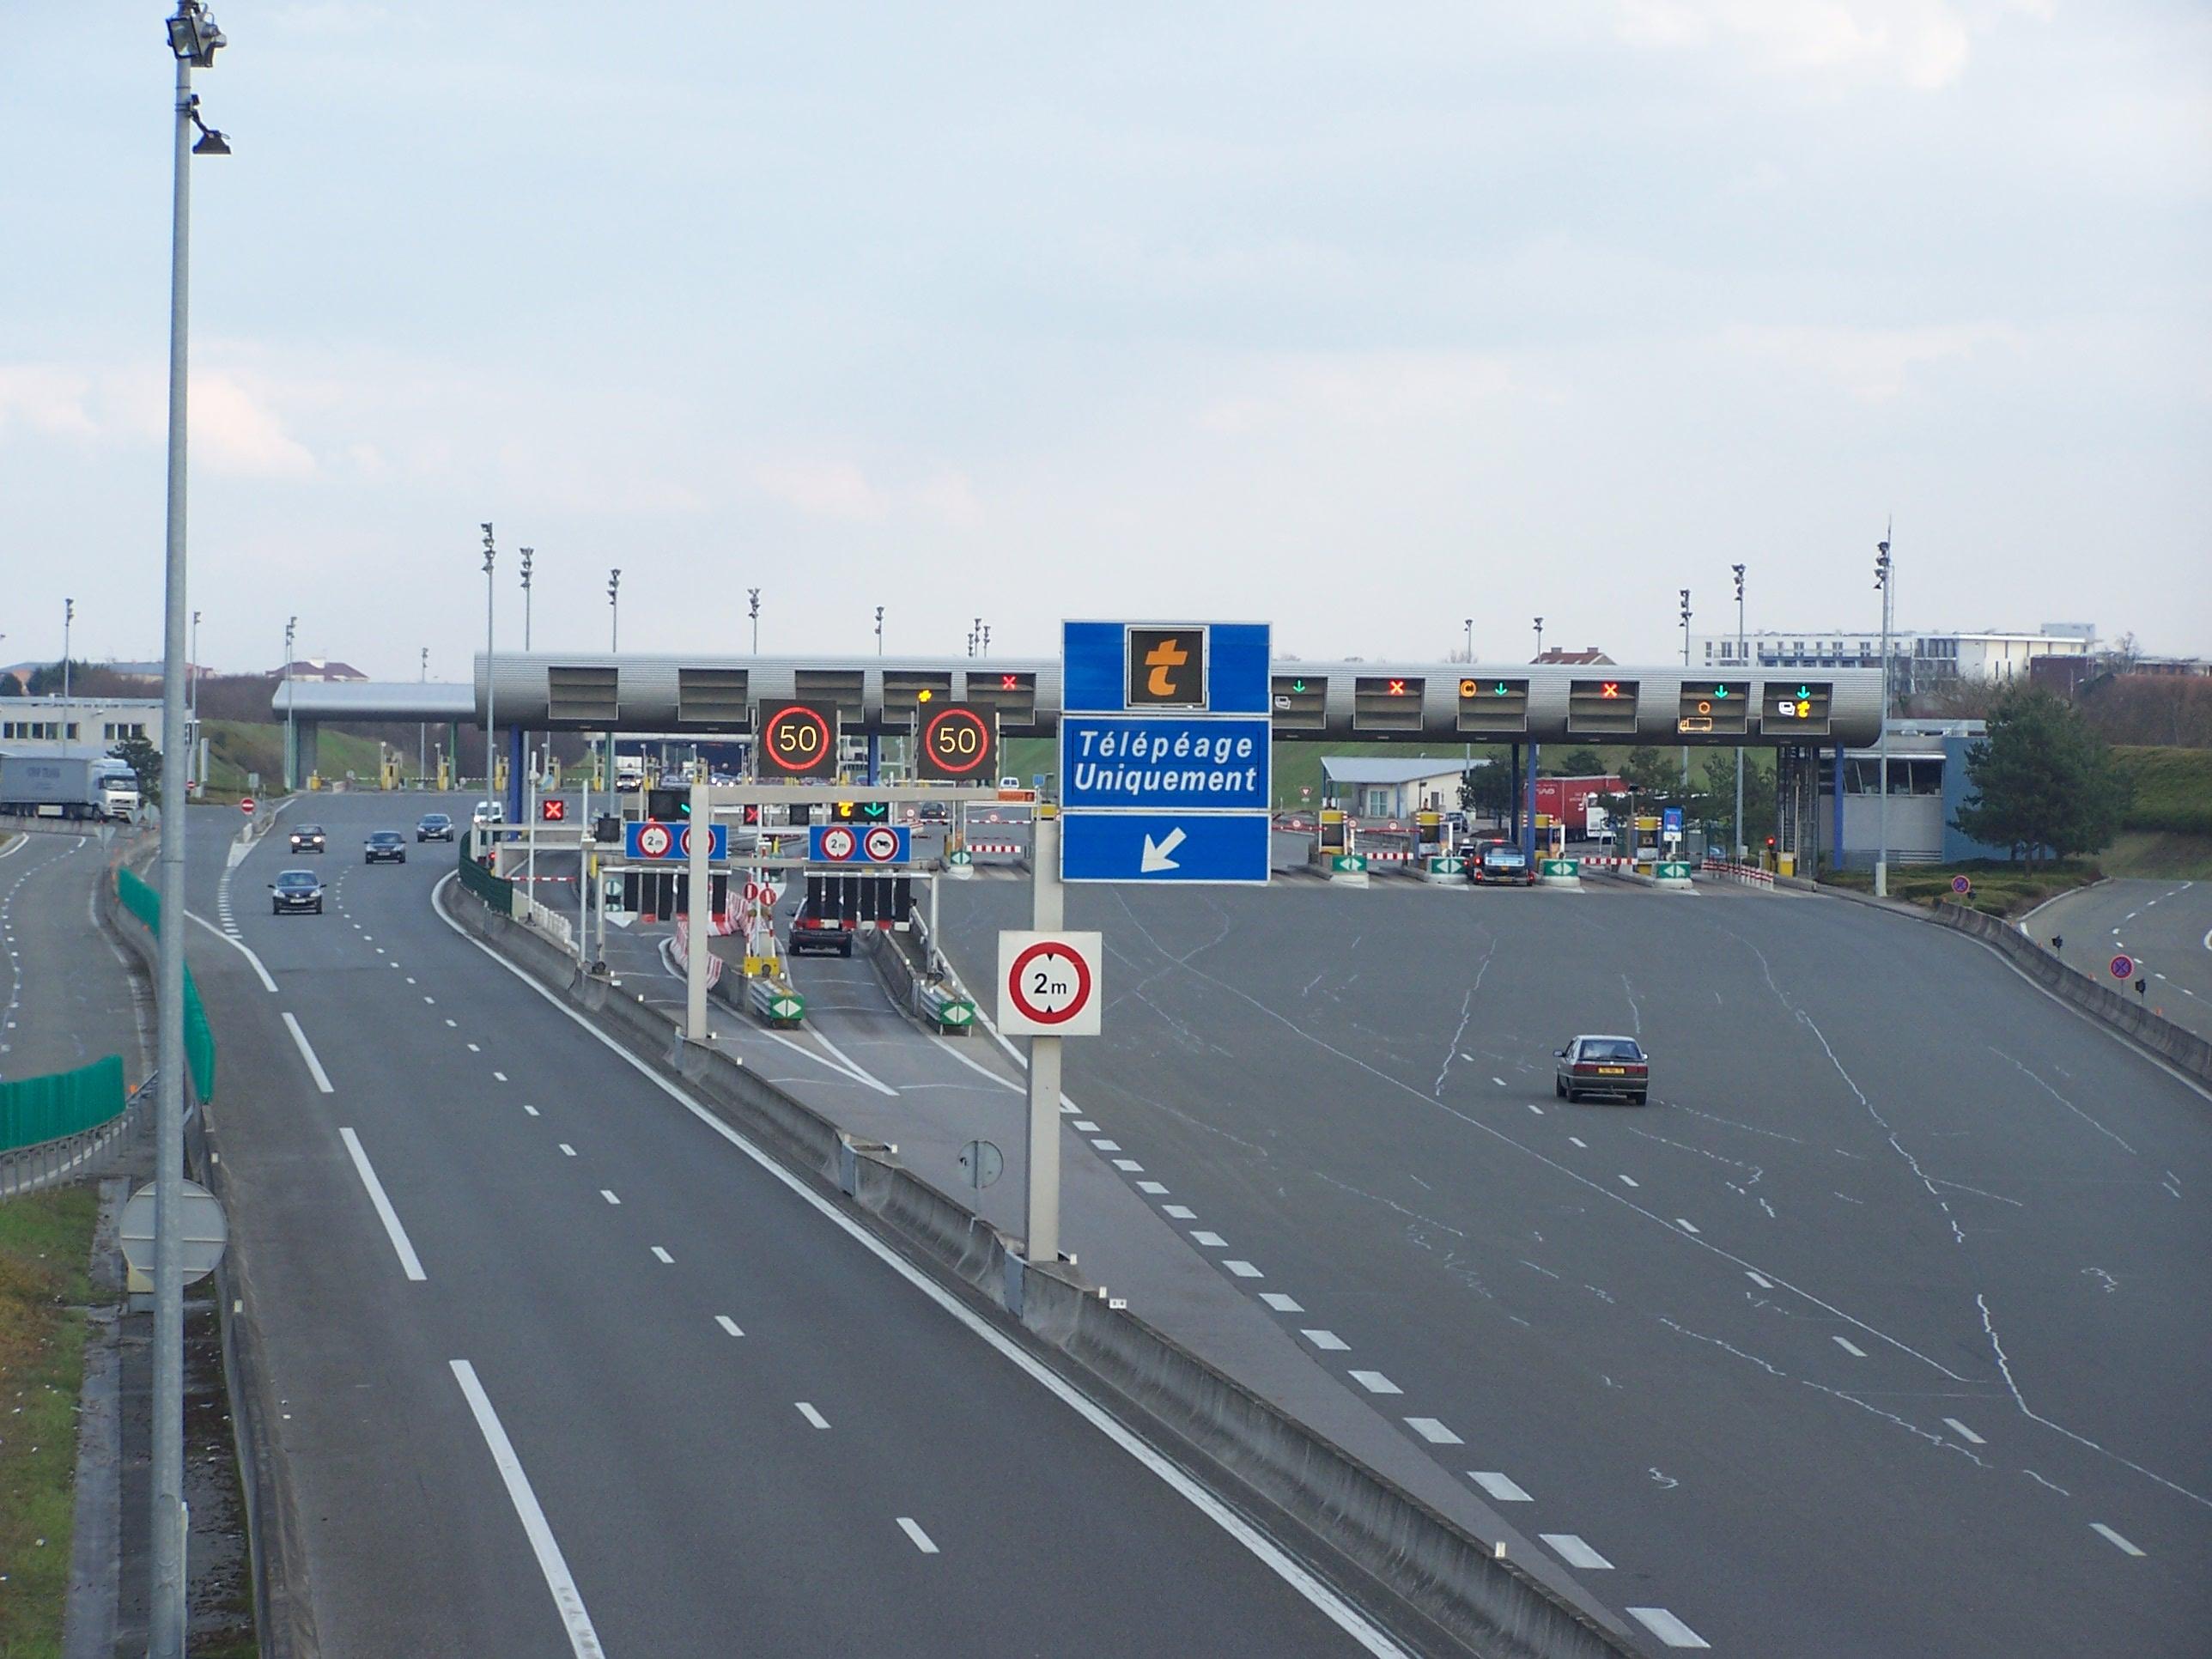 Vue sur le péage de Montesson sur l'autoroute française A14